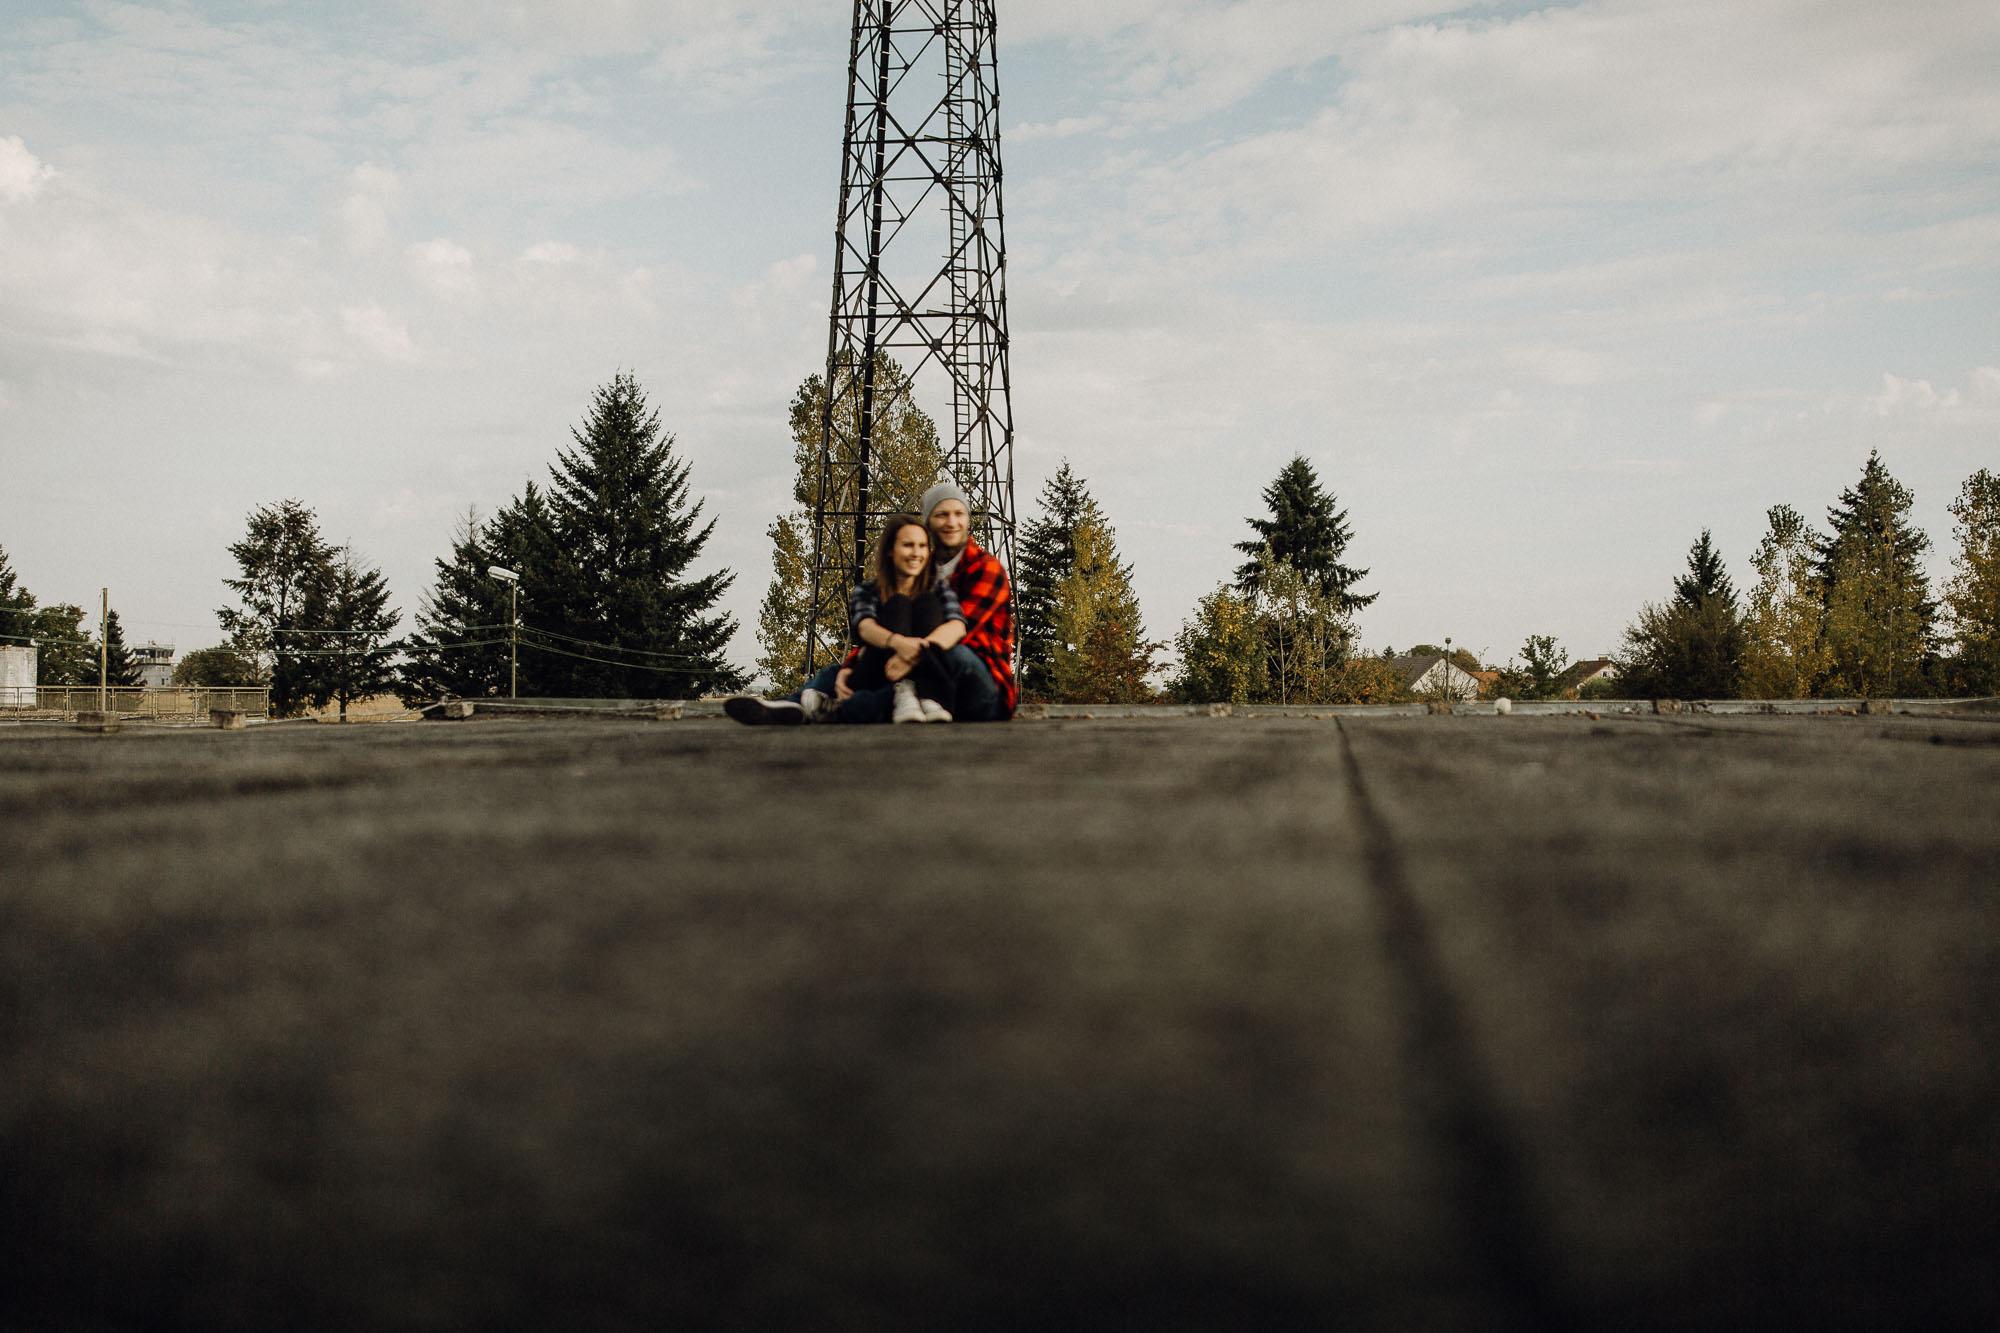 raissa simon photography destination couple black forest offenburg skate 46 - Katharina + Ben